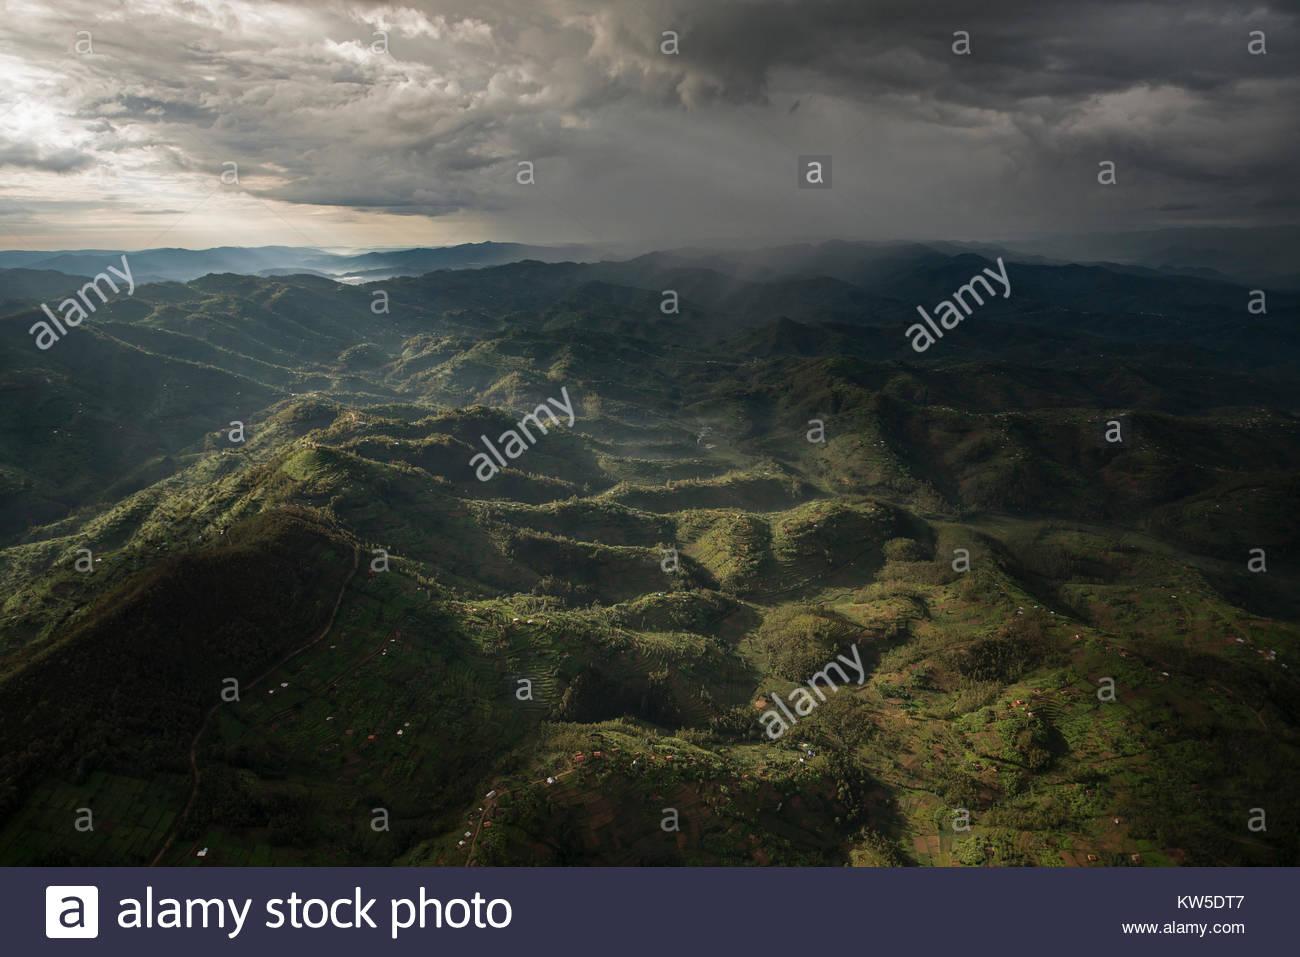 Aerial view of habitat in northern Rwanda. - Stock Image